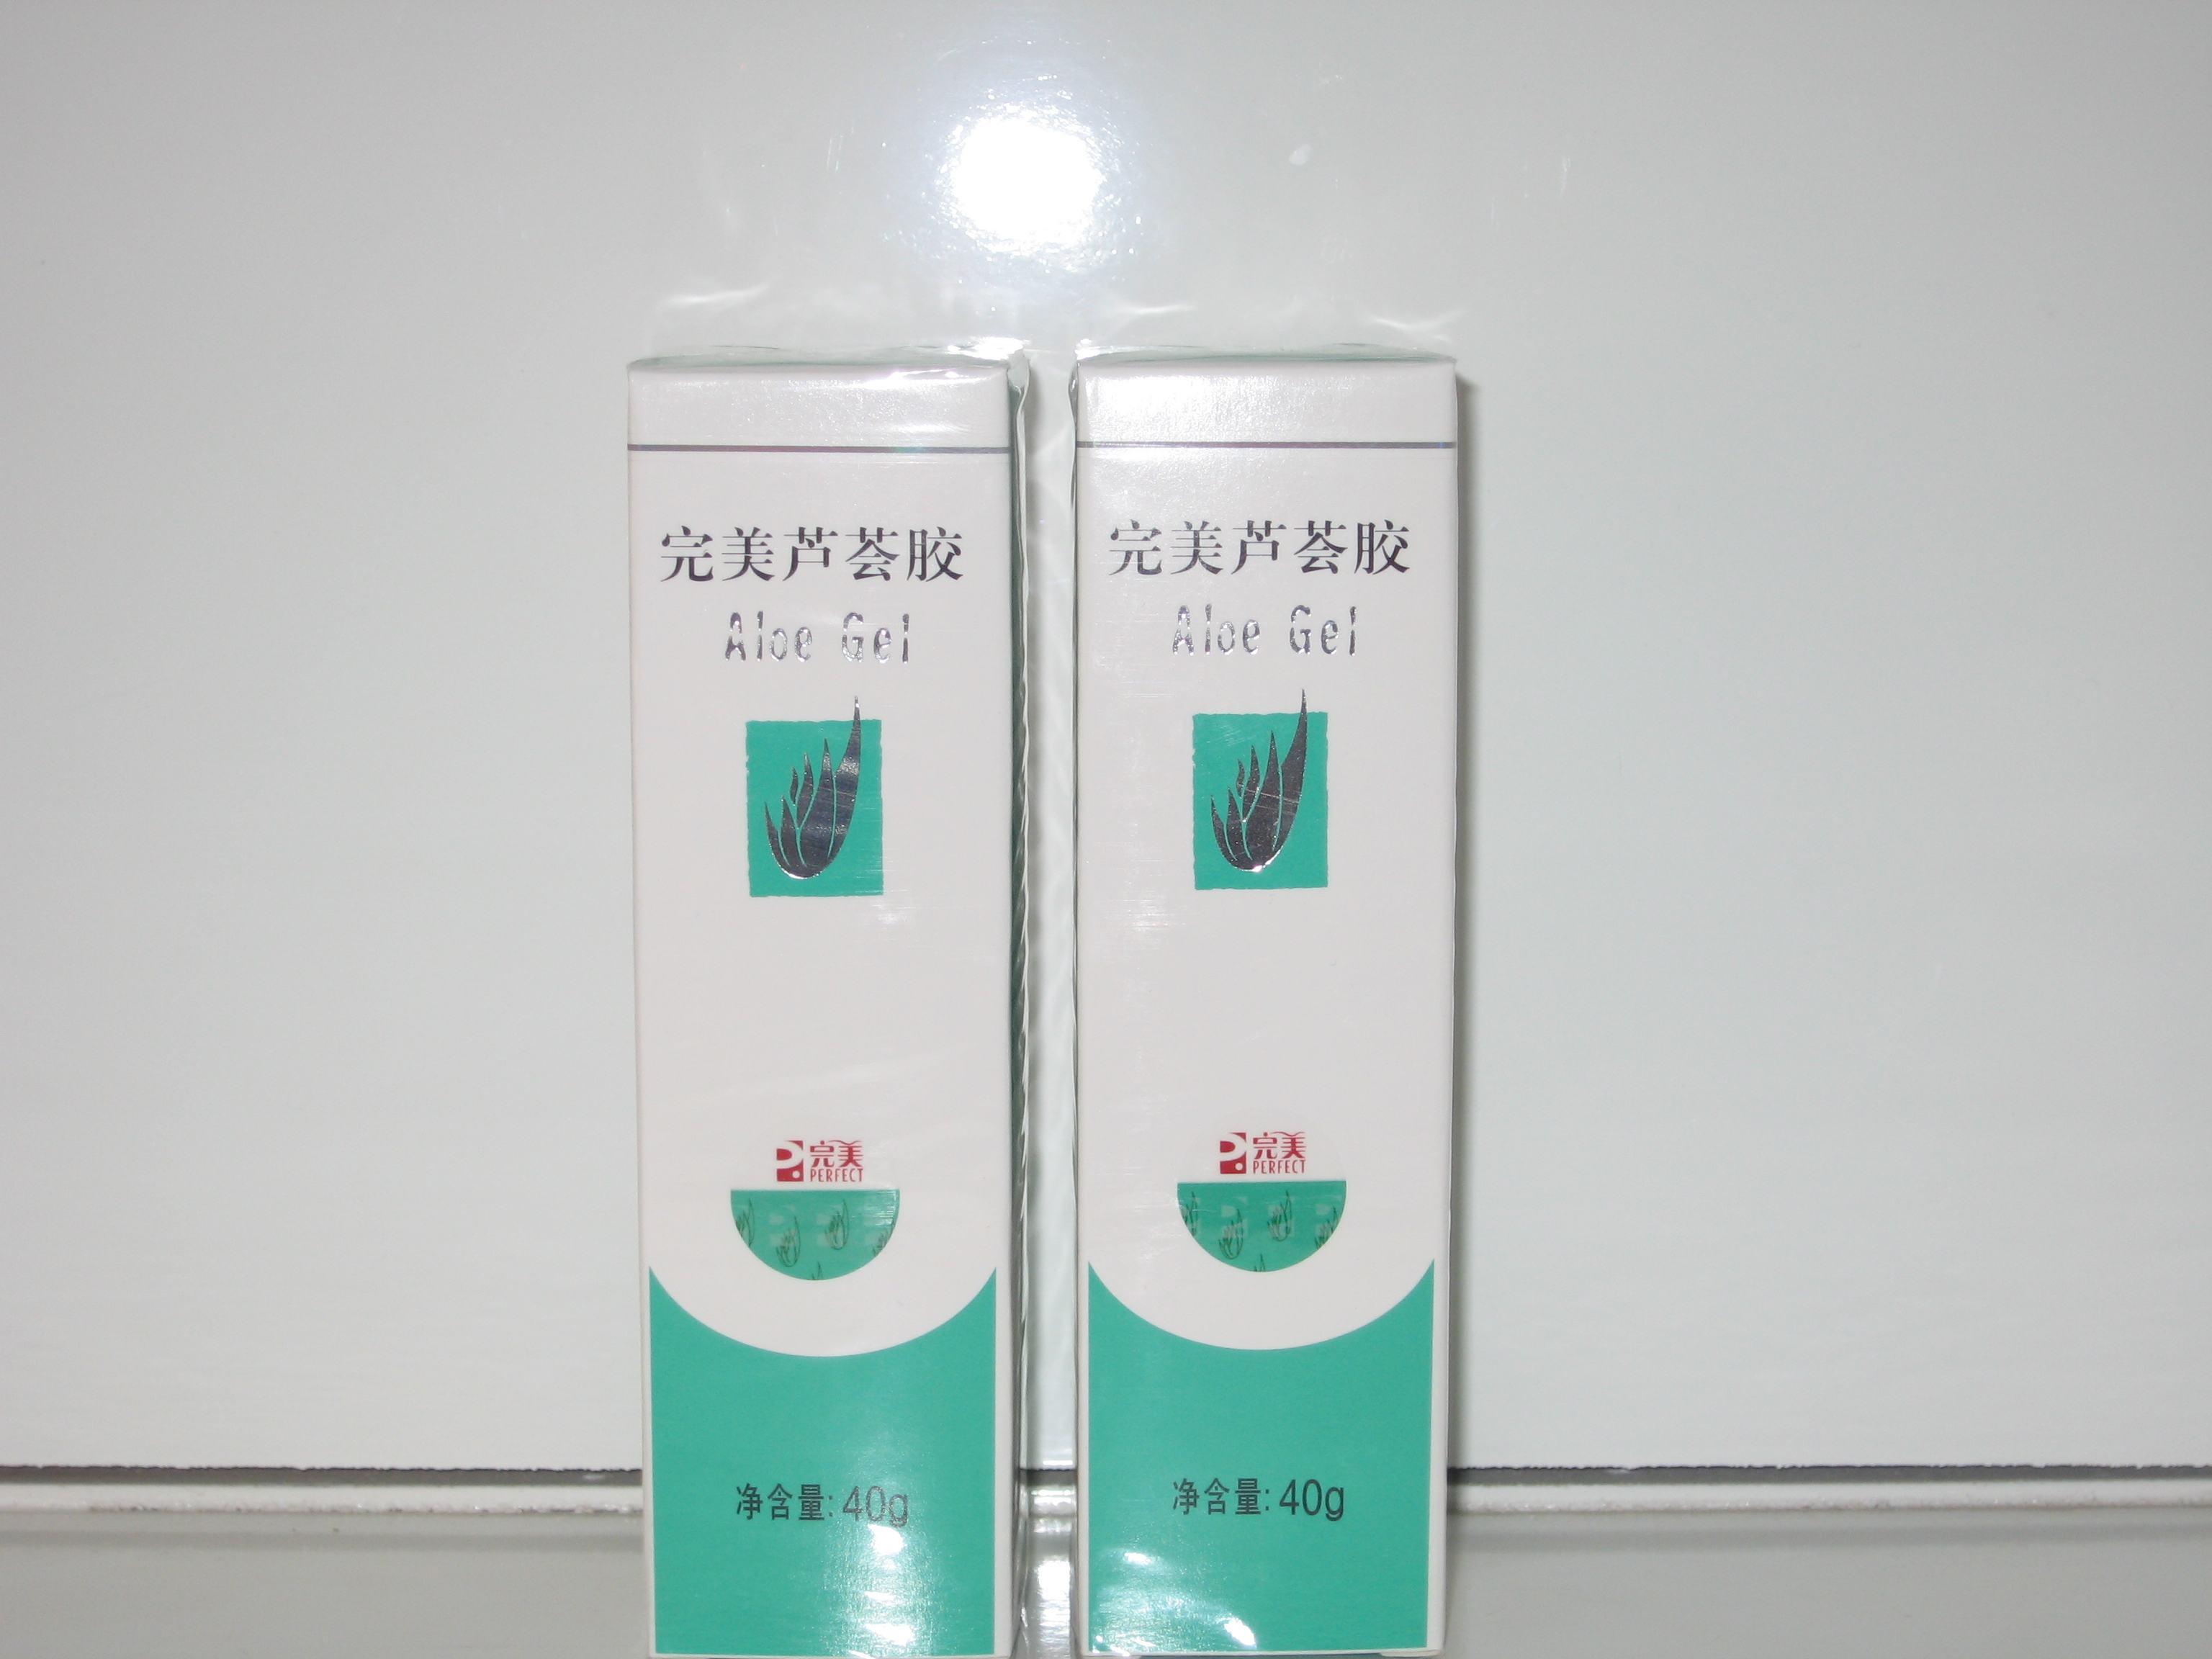 完美芦荟胶的作用_完美芦荟胶有什么作用呢_百度知道